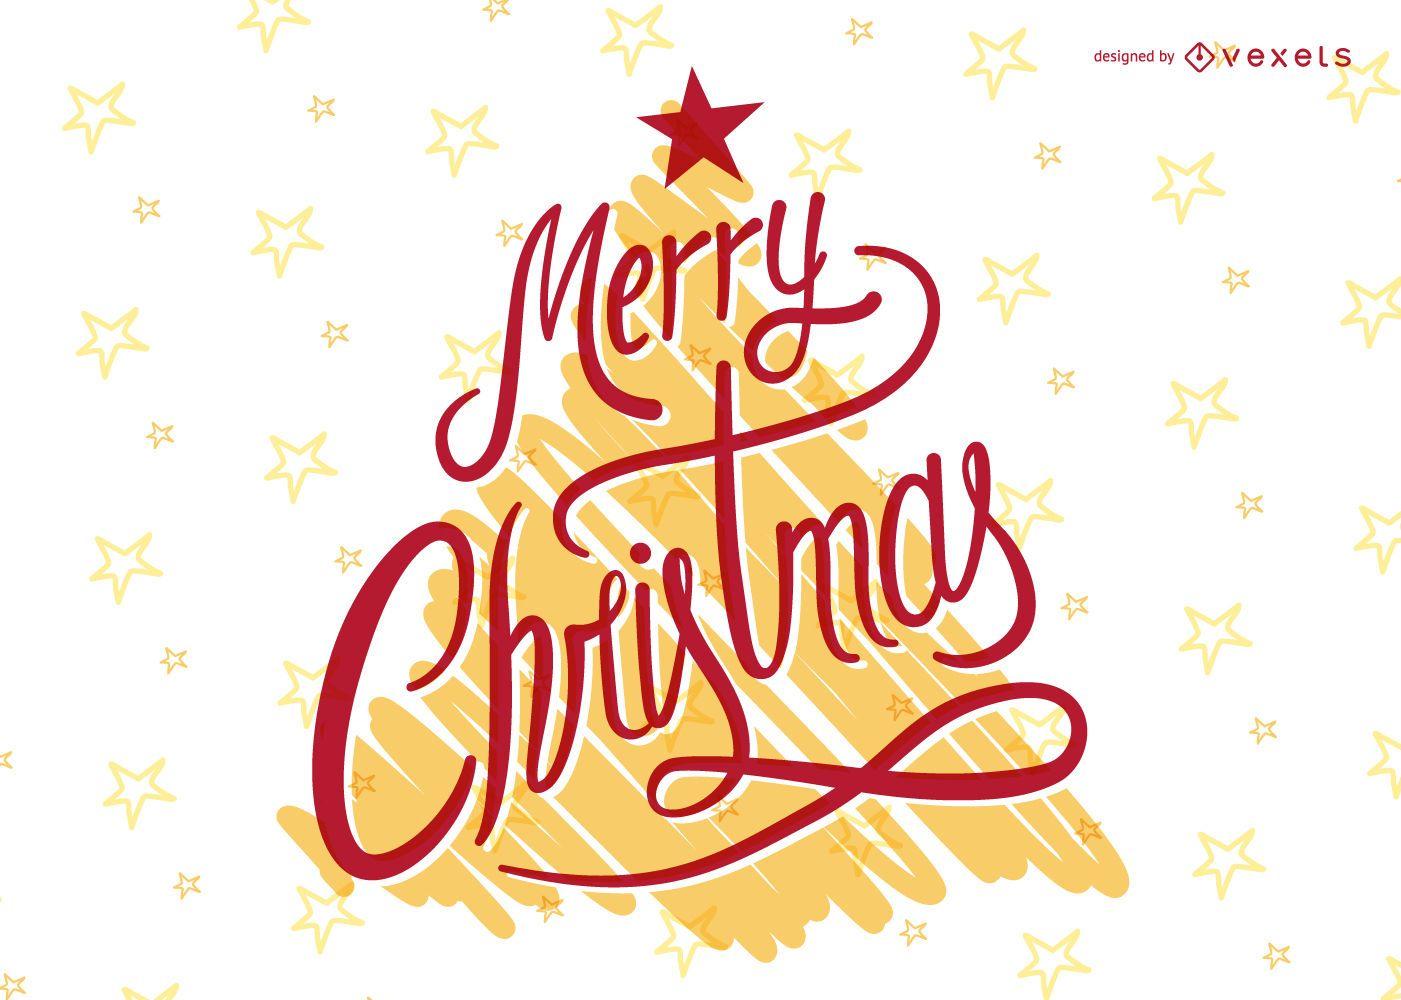 Festive Christmas lettering over tree